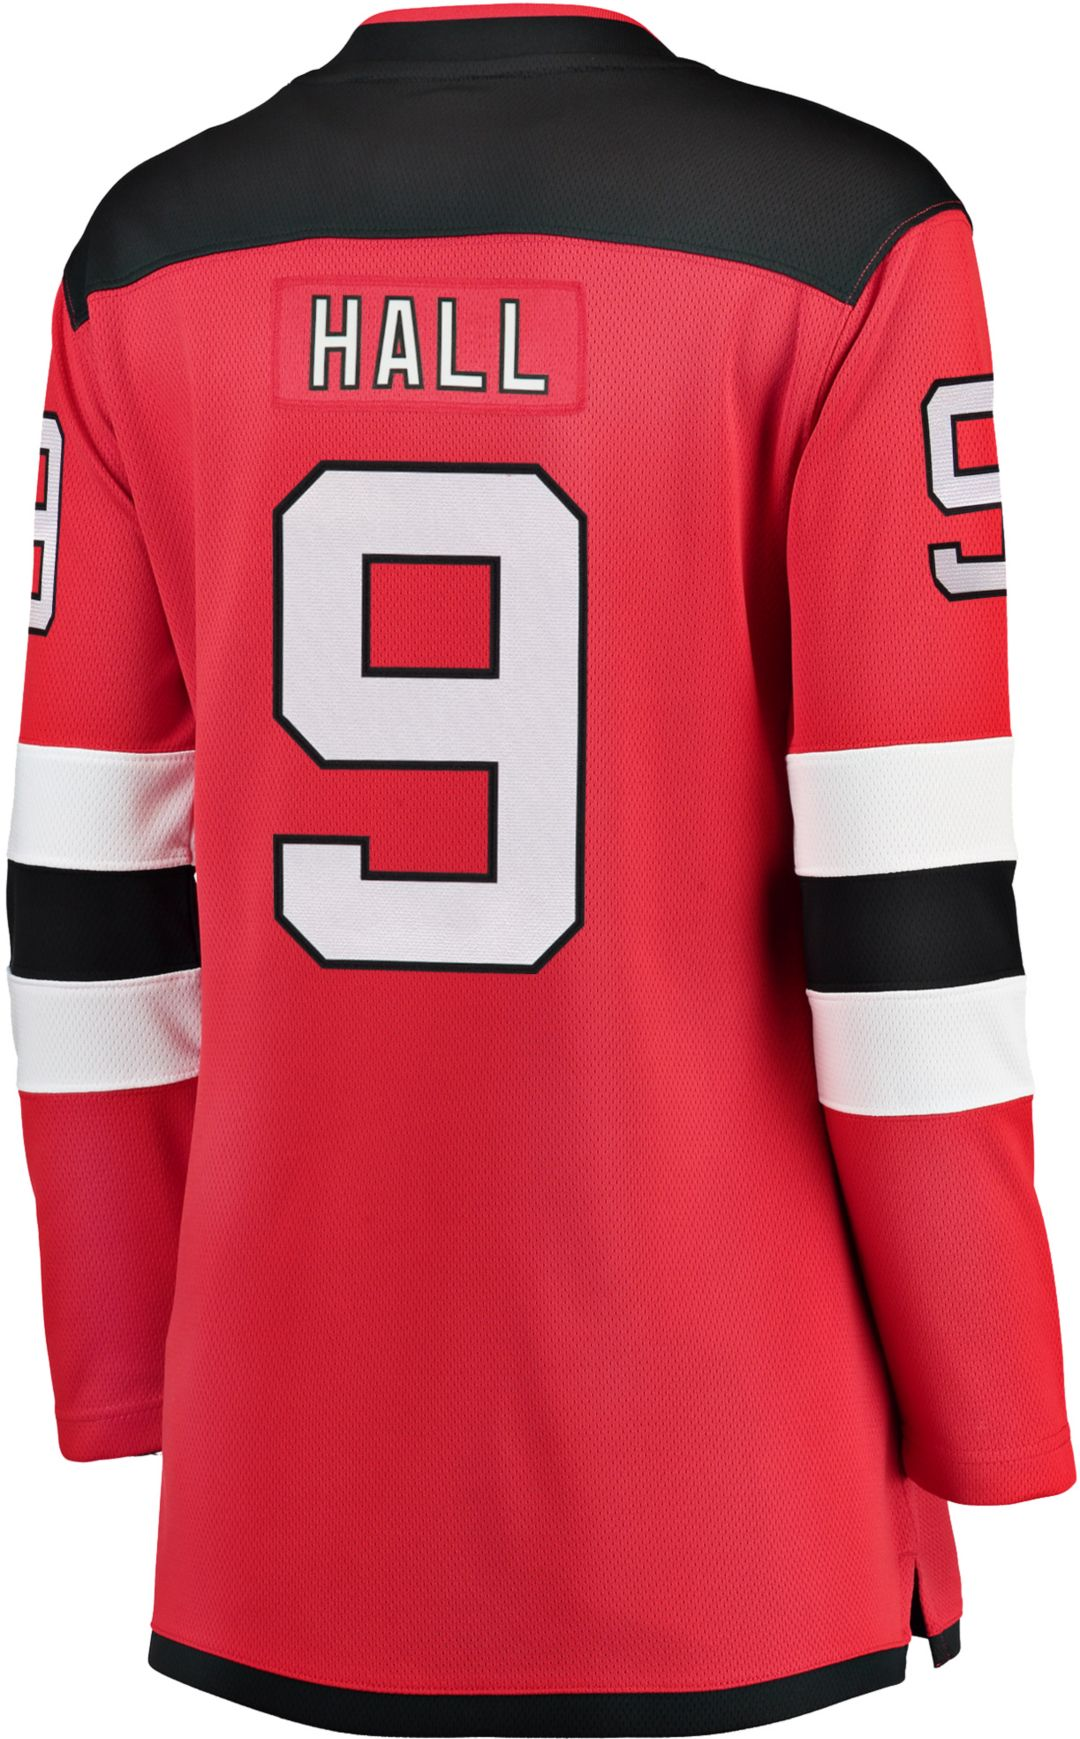 best website c03b6 aba16 NHL Women's New Jersey Devils Tayor Hall #9 Breakaway Home Replica Jersey